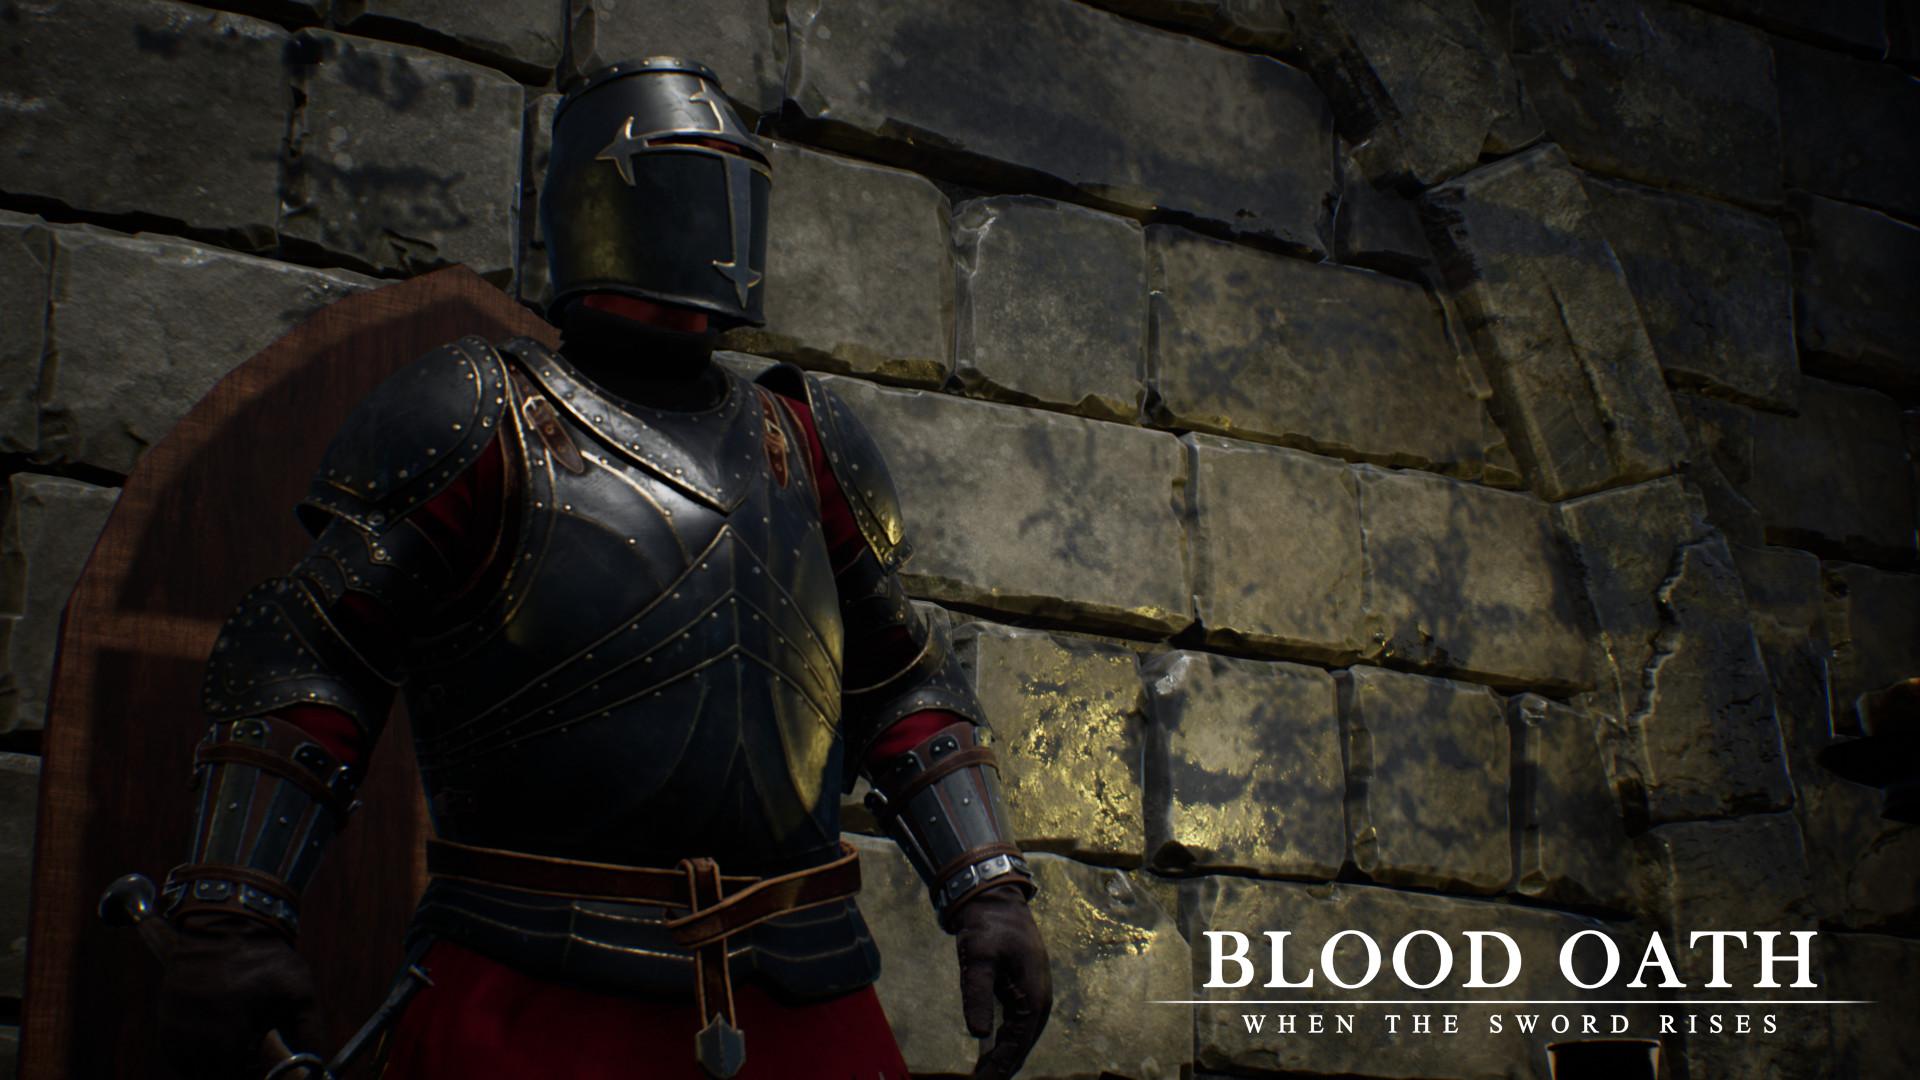 动作砍杀游戏《血之誓约》上架Steam 中世纪大混战